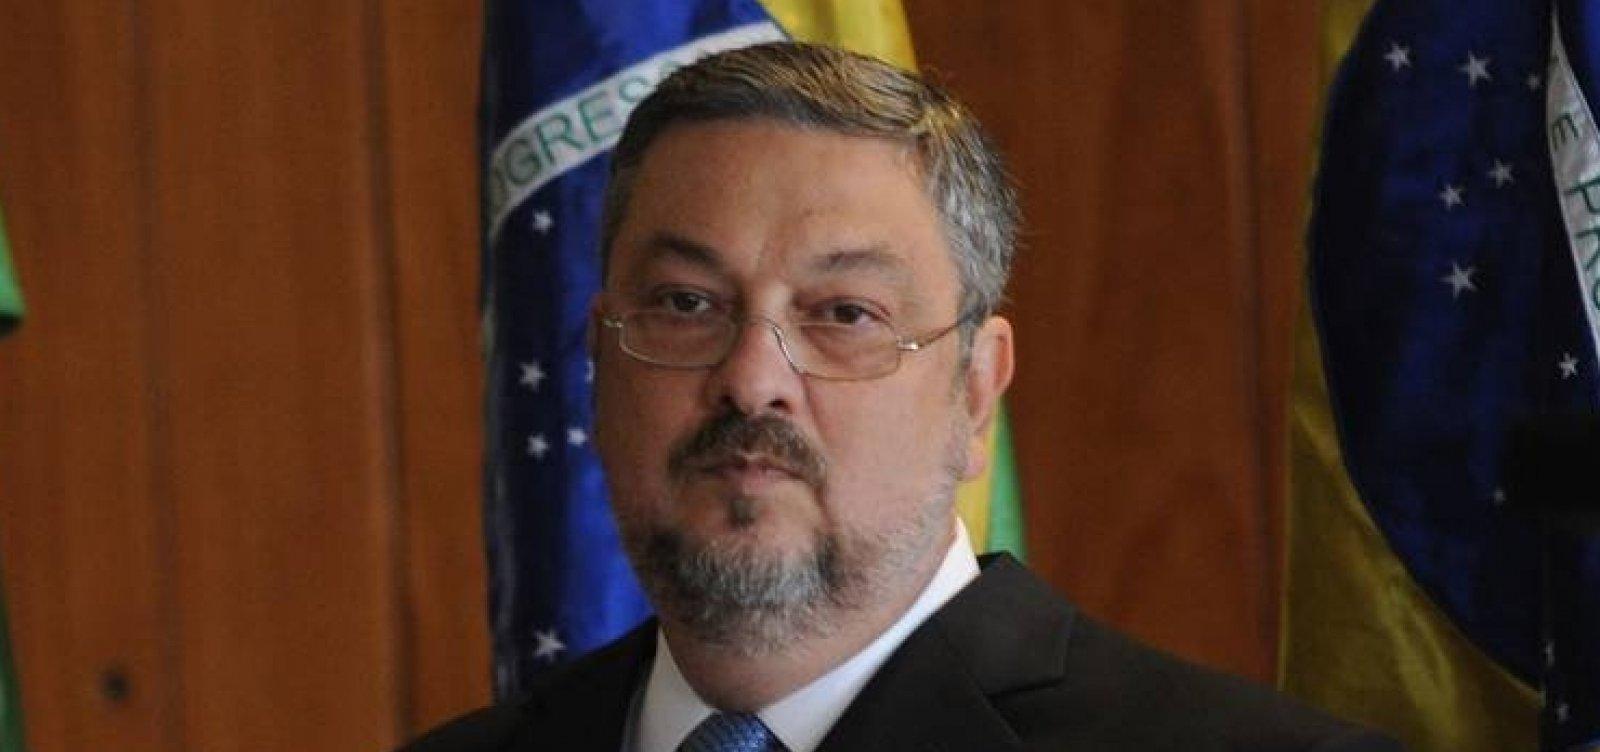 [Palocci acusa Lula de editar MP em troca de recursos para filho]